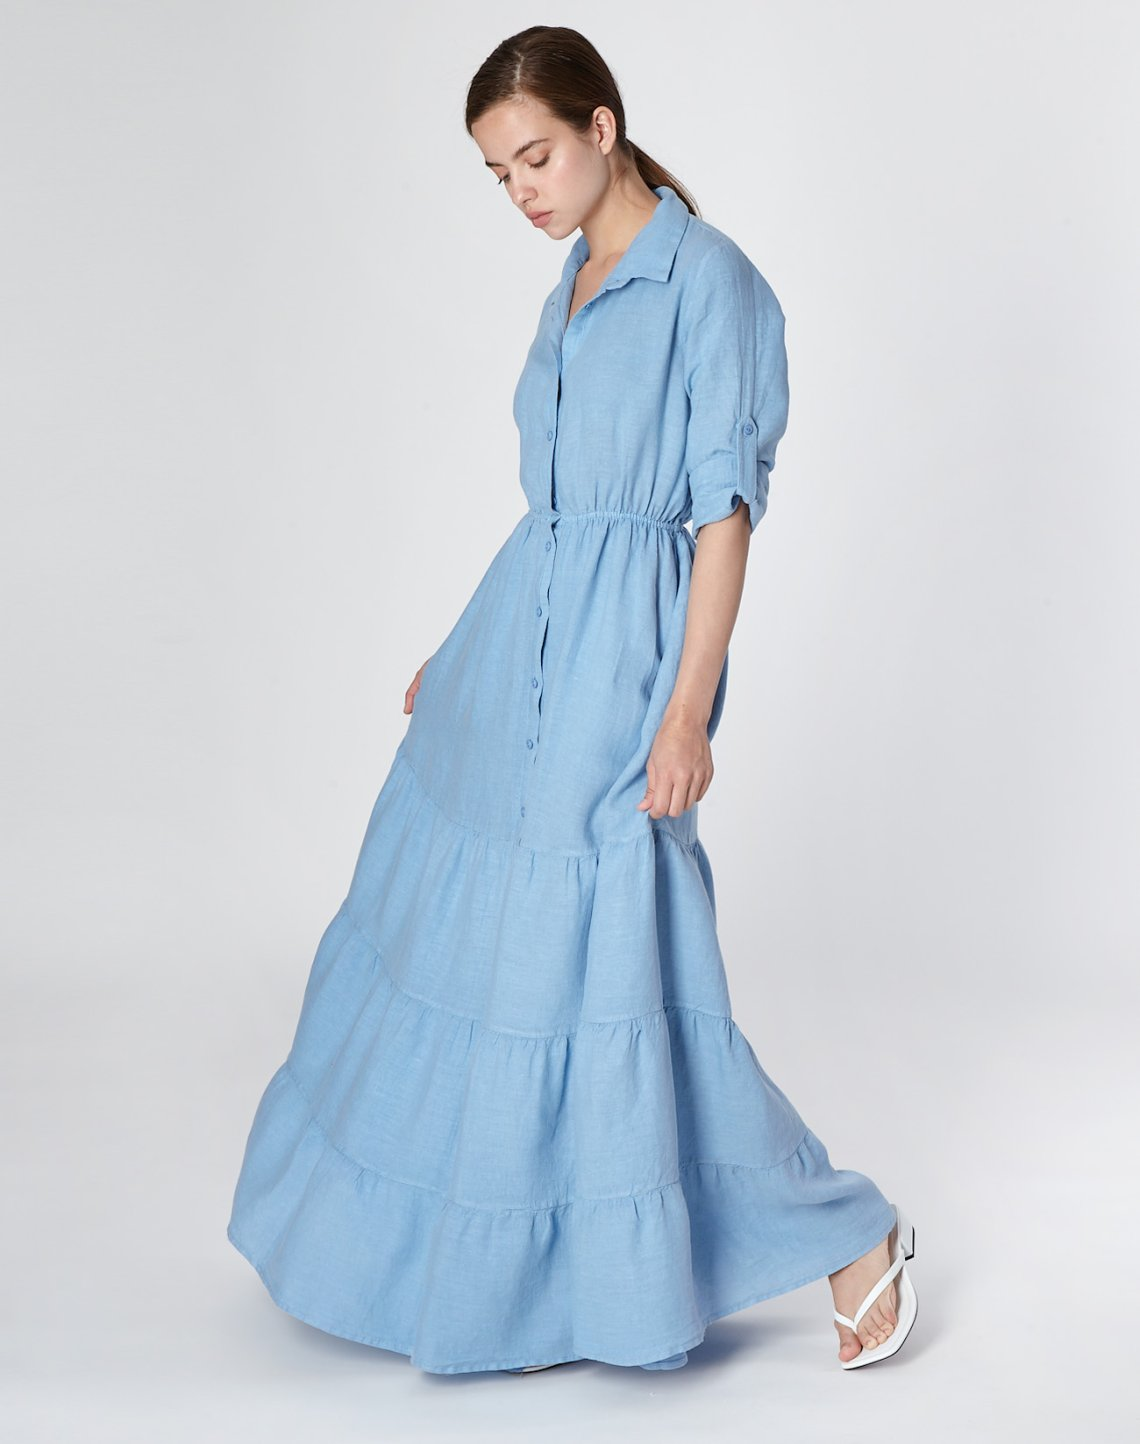 Linen shirt dress with ruffles